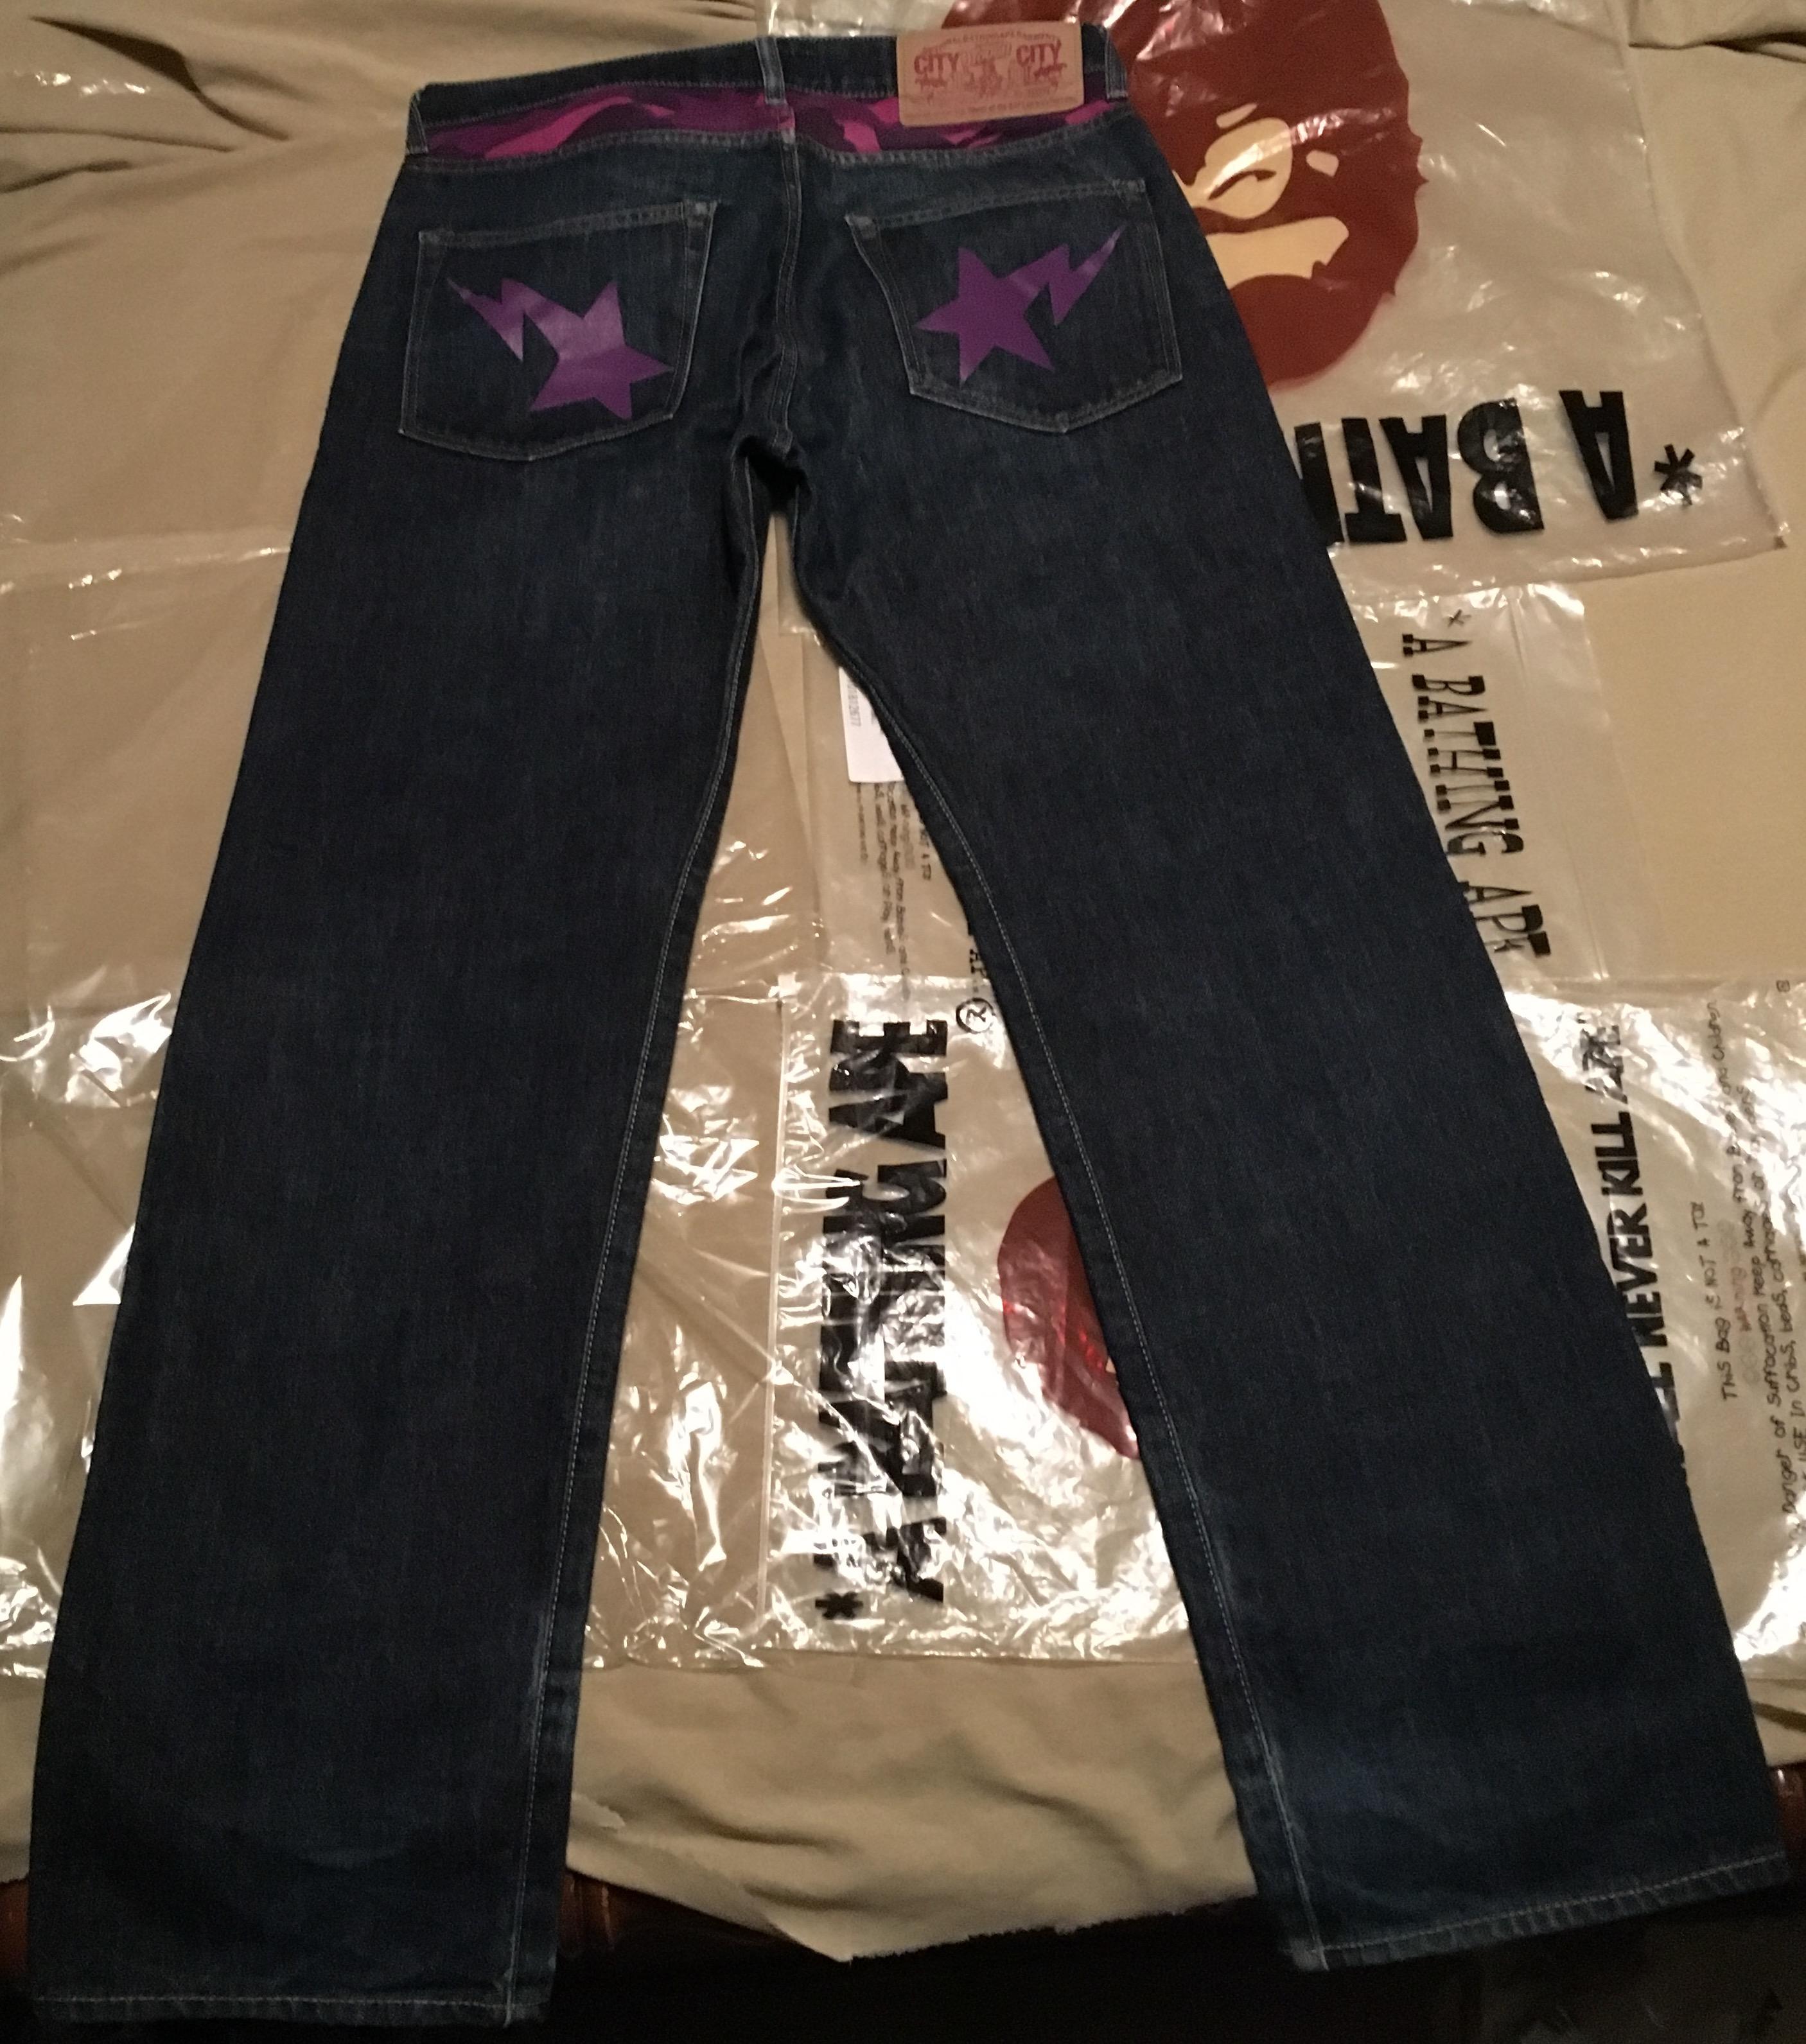 4da53146a Bape Og Bape Purple Camo Denim Jeans Bapesta | Grailed